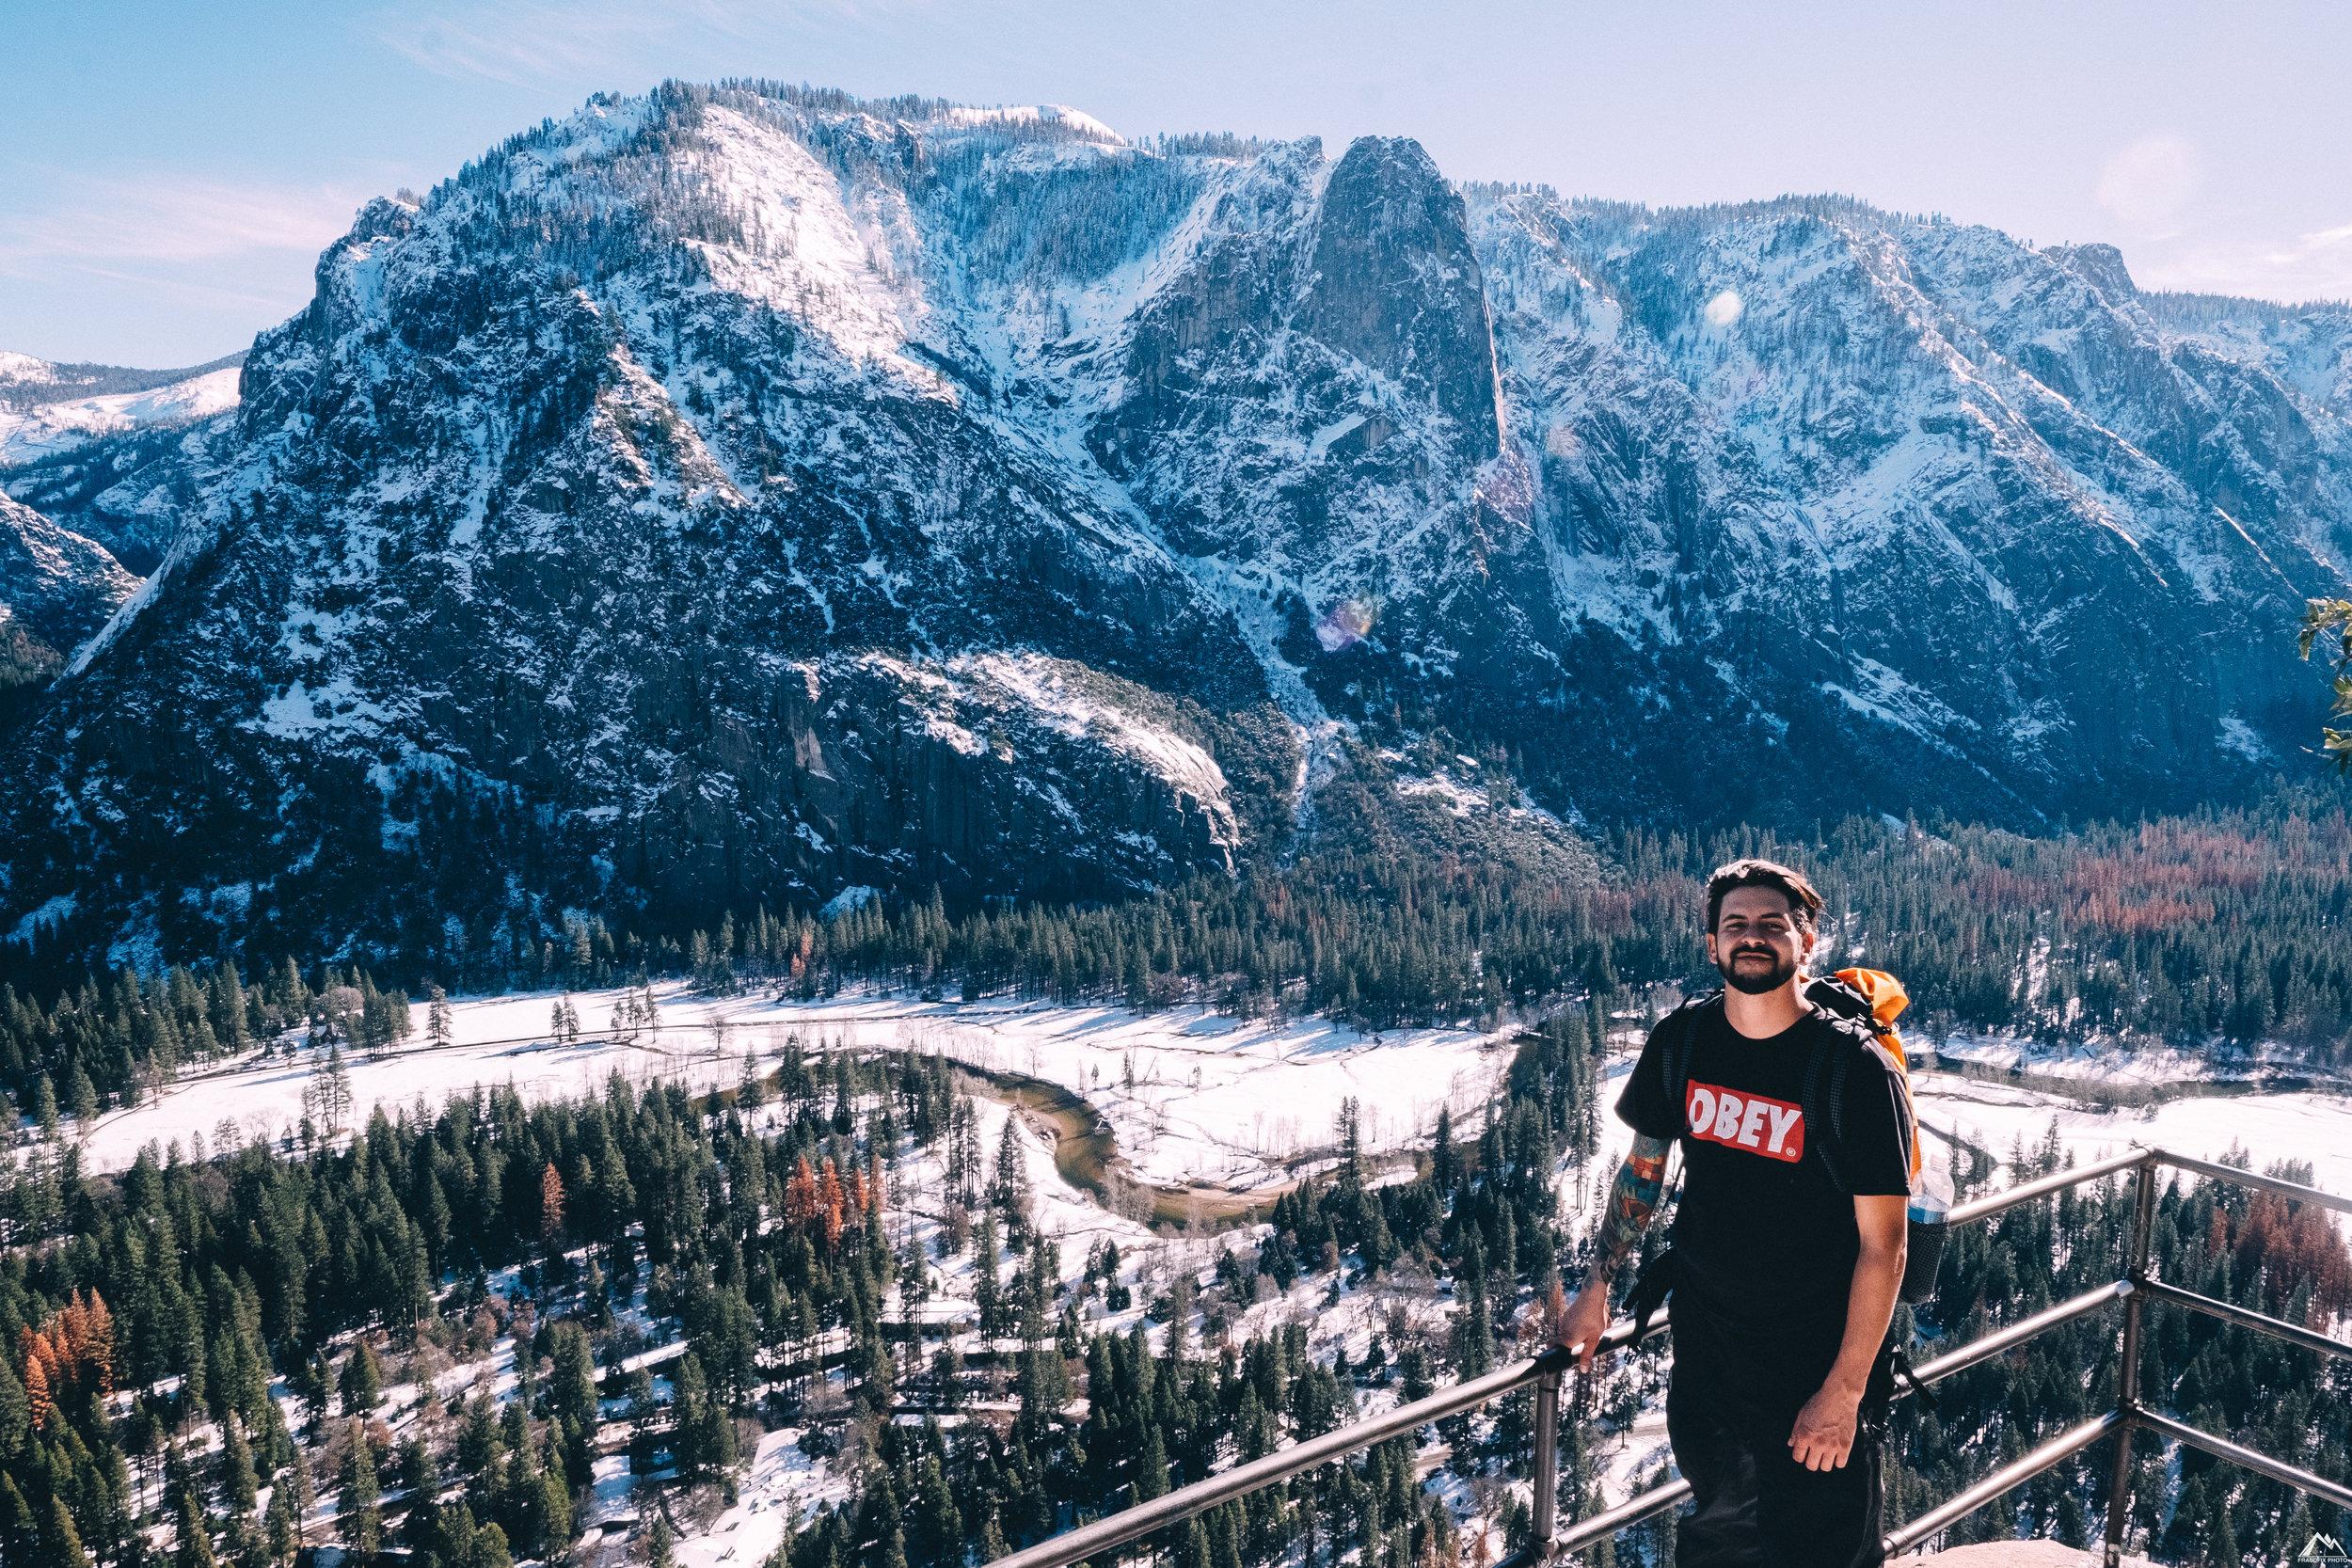 Yosemite_shots (2 of 12).jpg